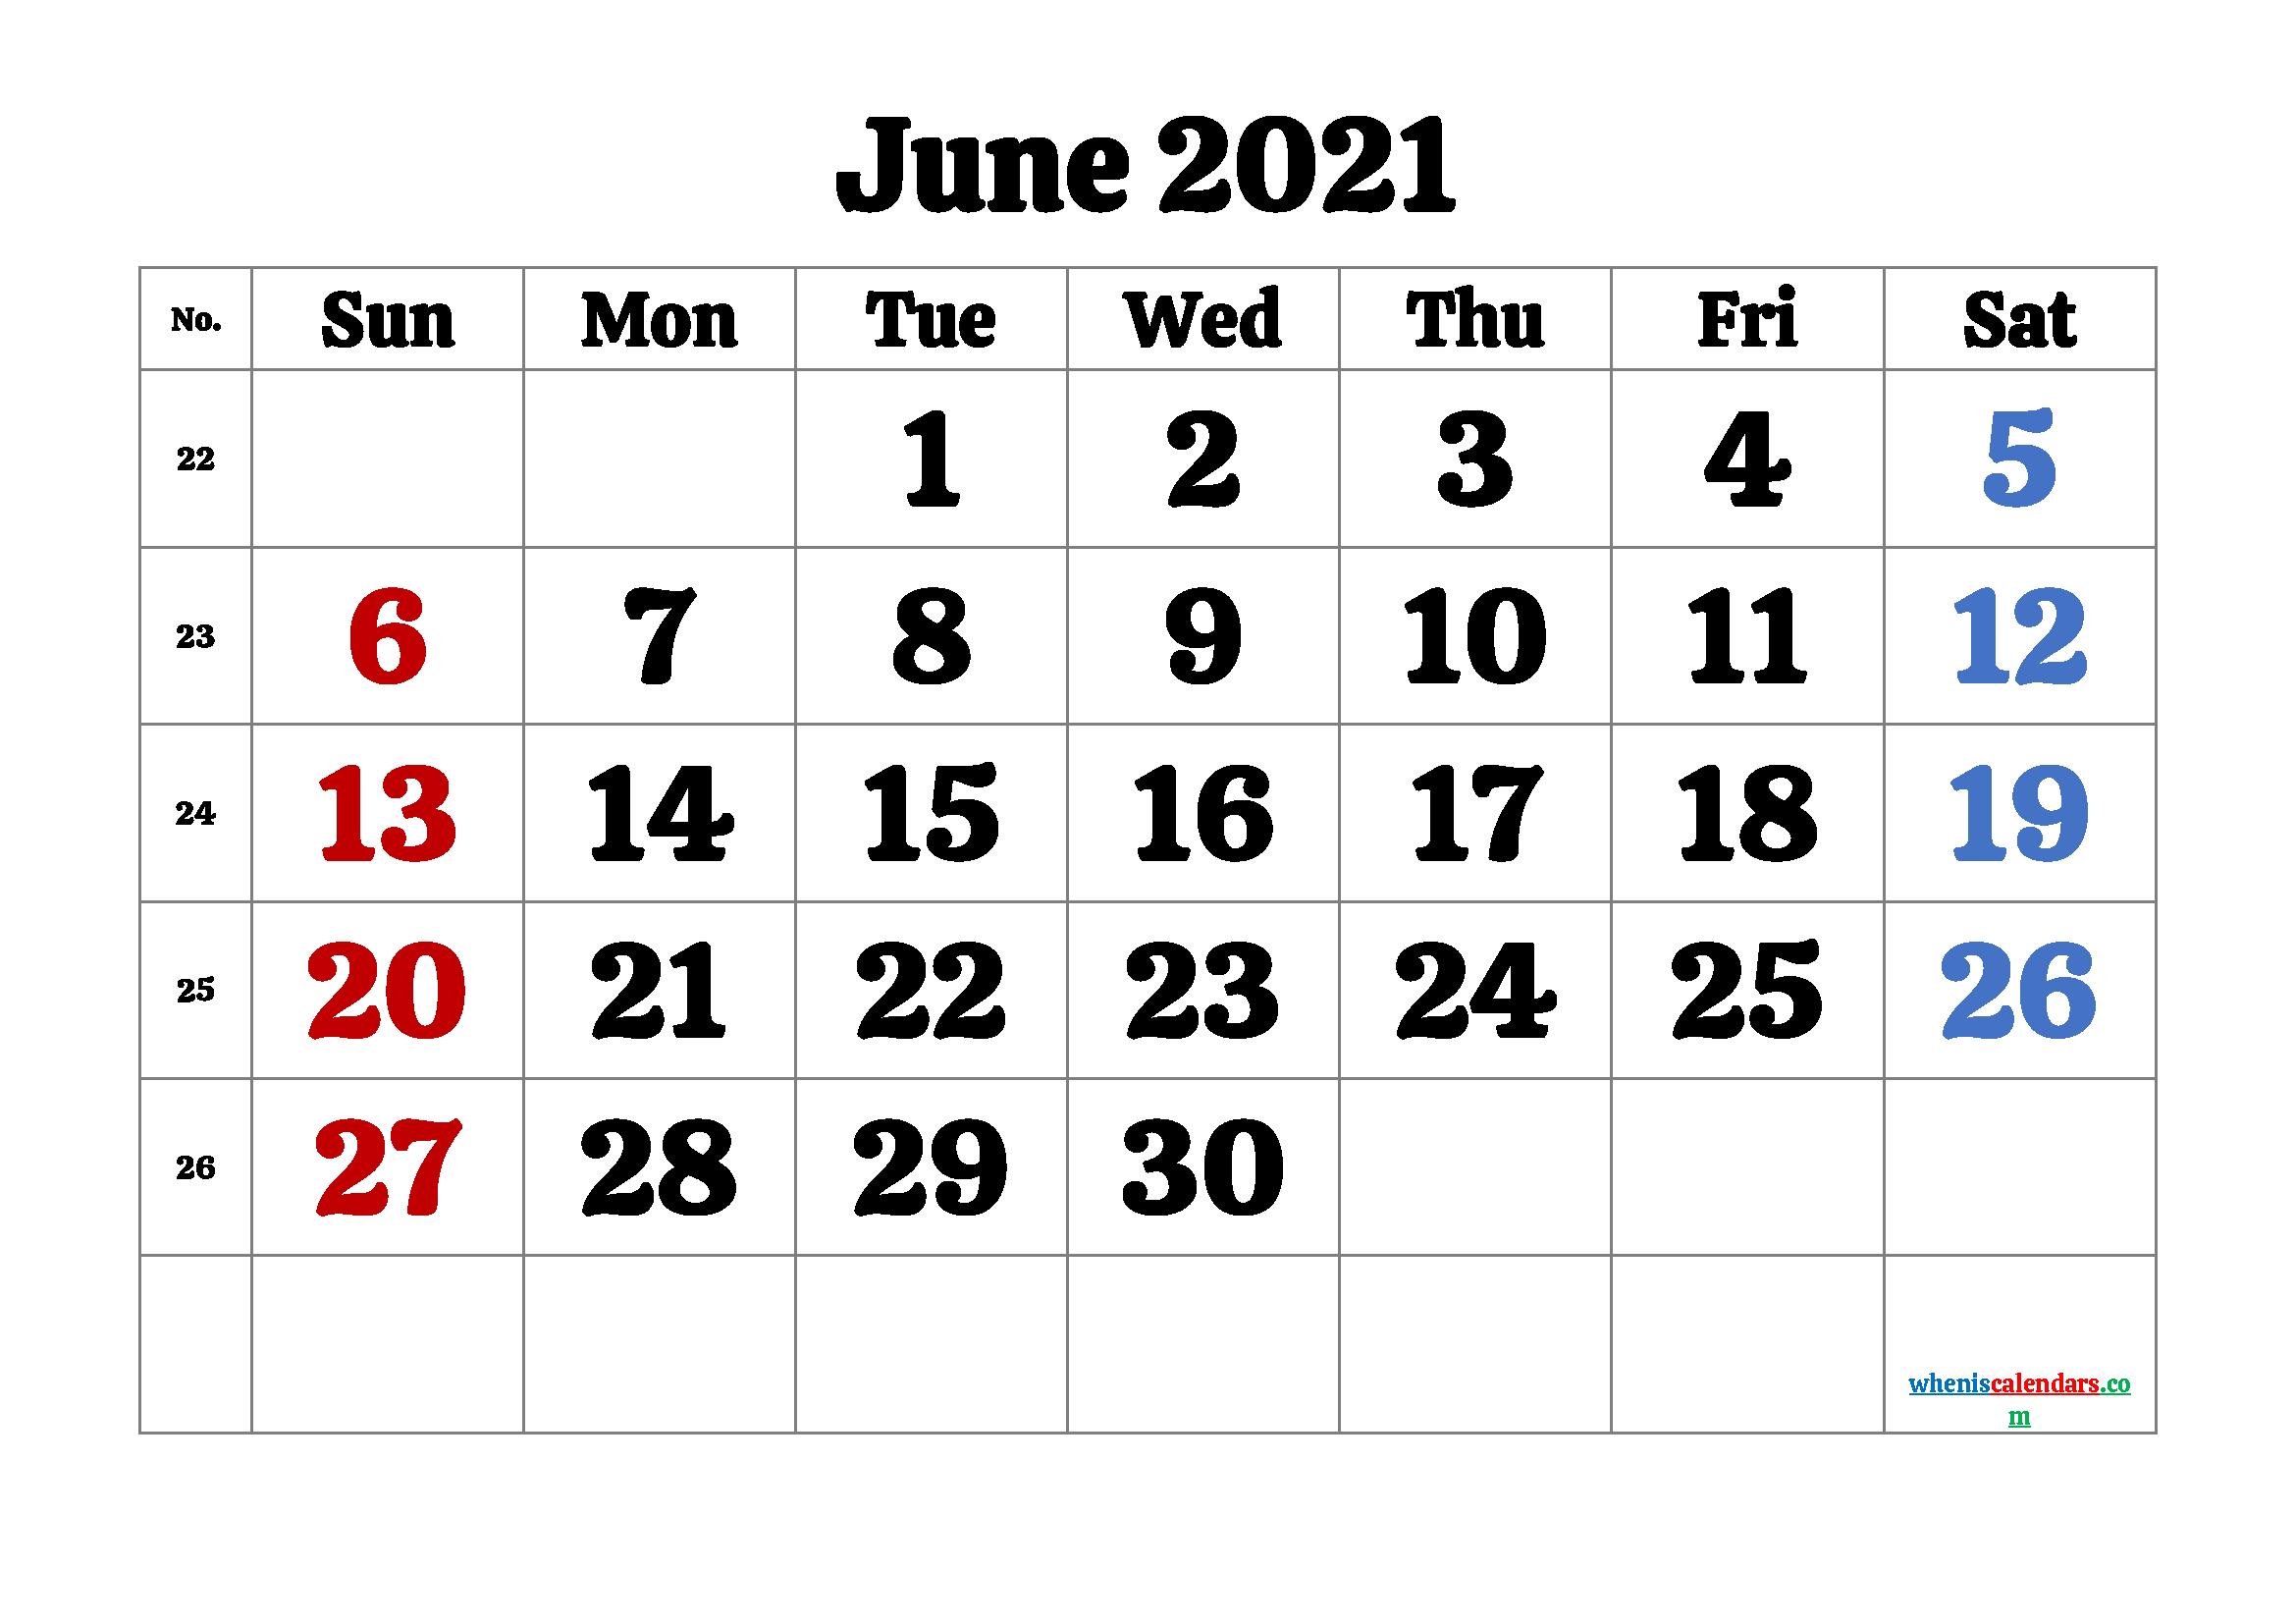 Calendar June 2021 Printable Free